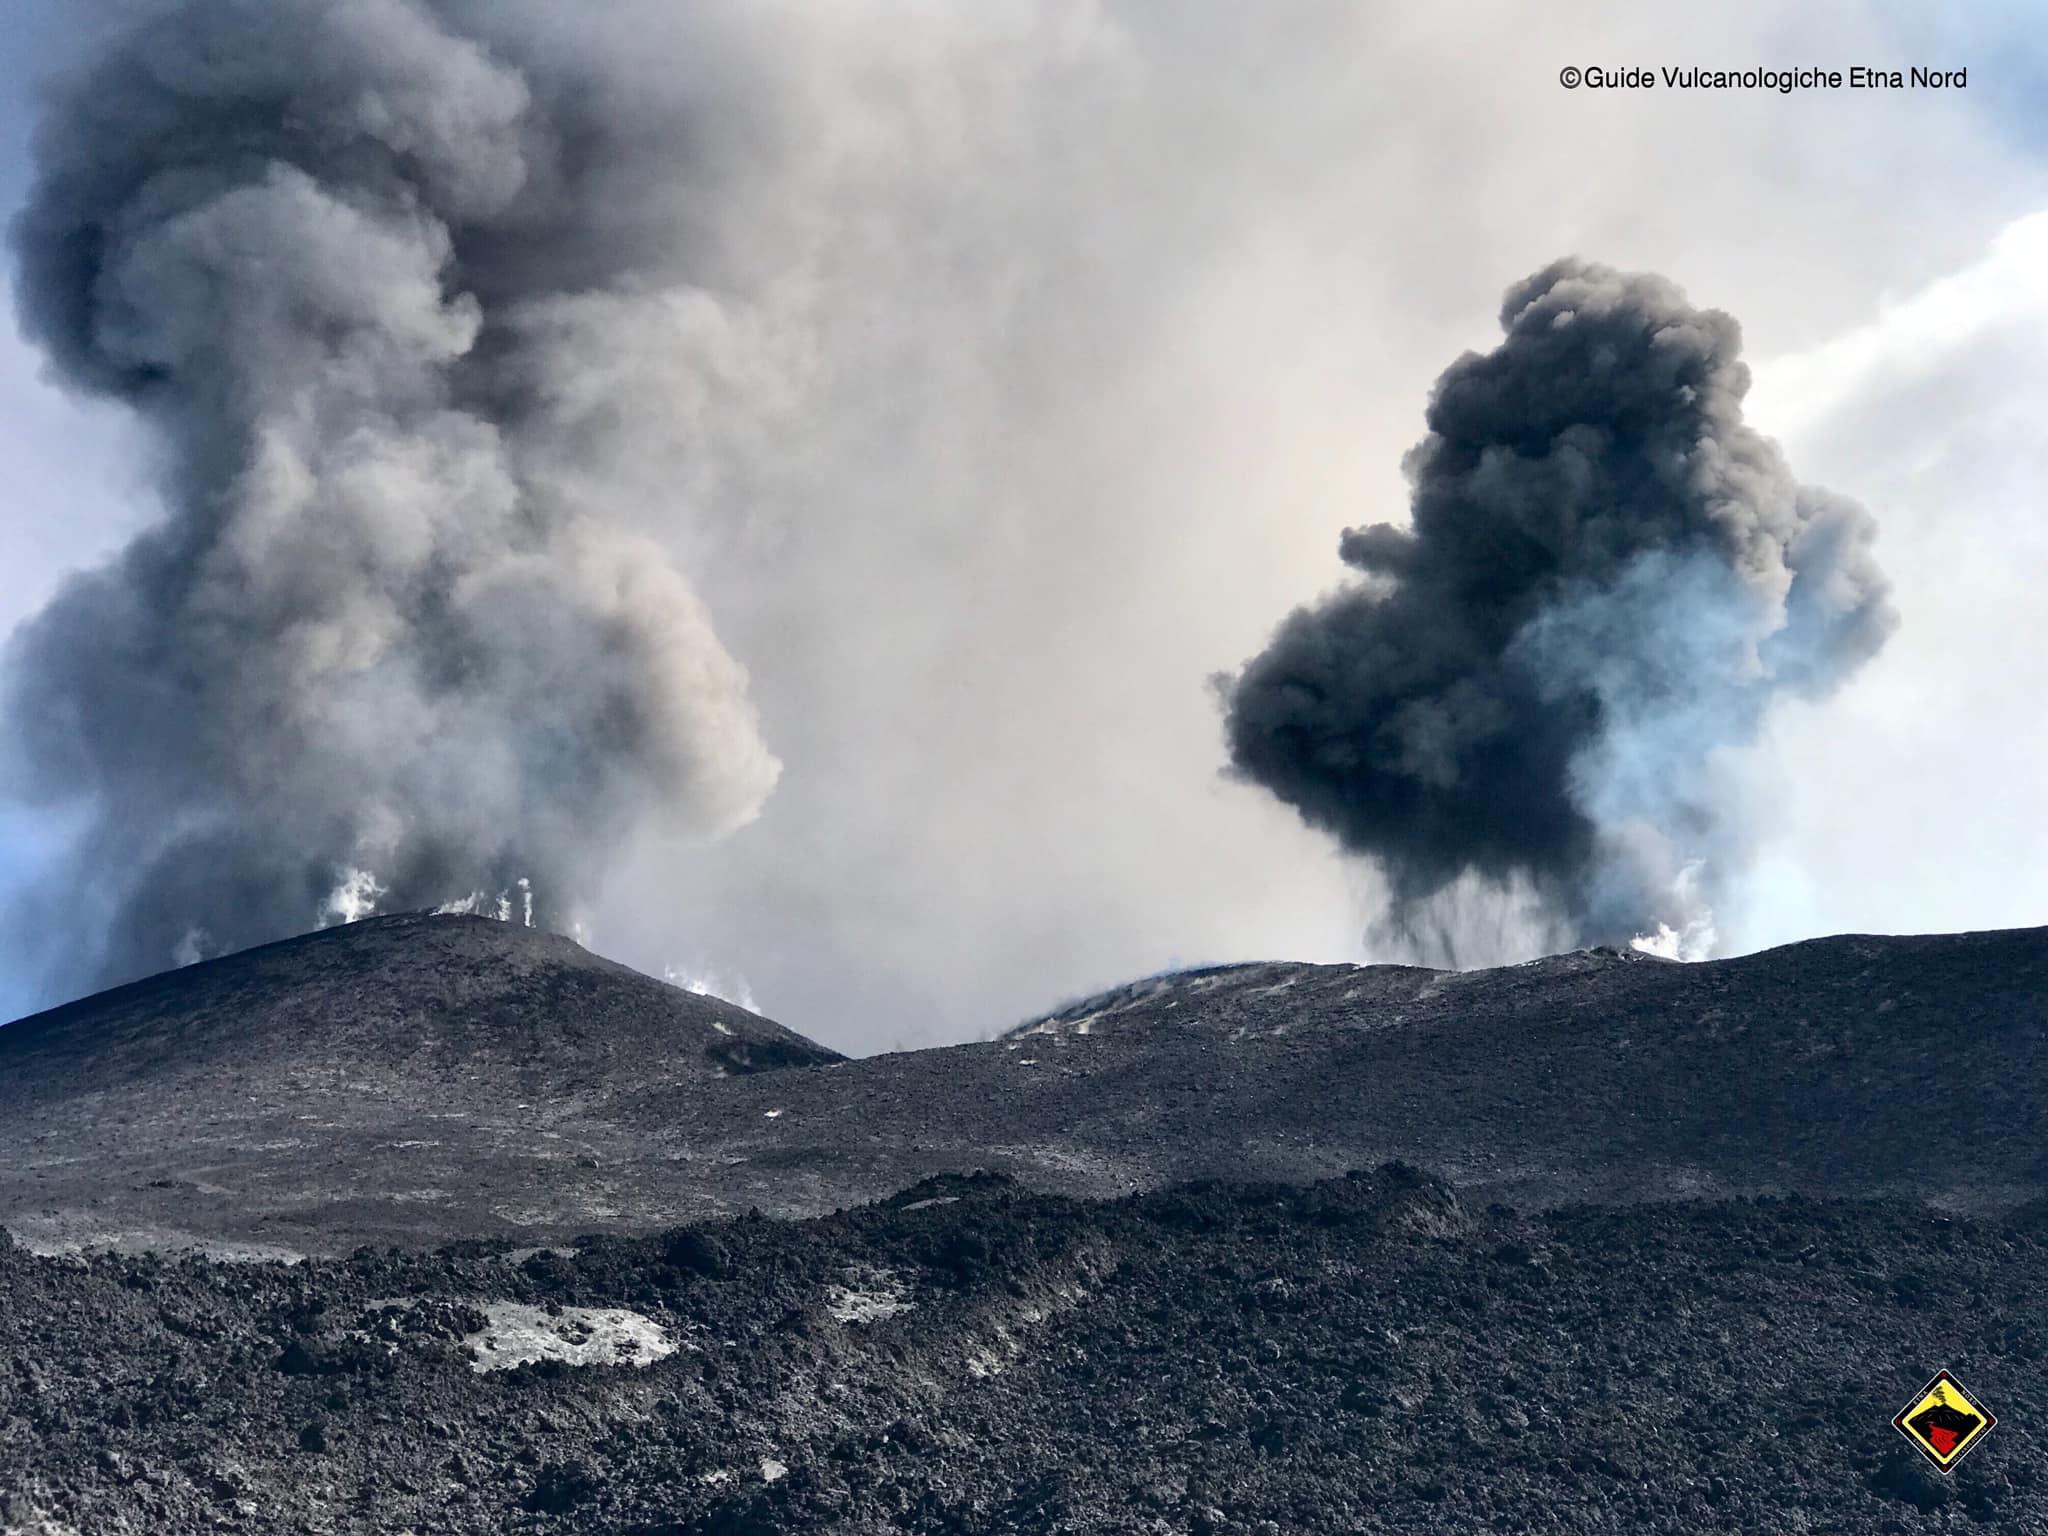 Aggiornamento – Stato dell'attività eruttiva dell'Etna 30 settembre 2019